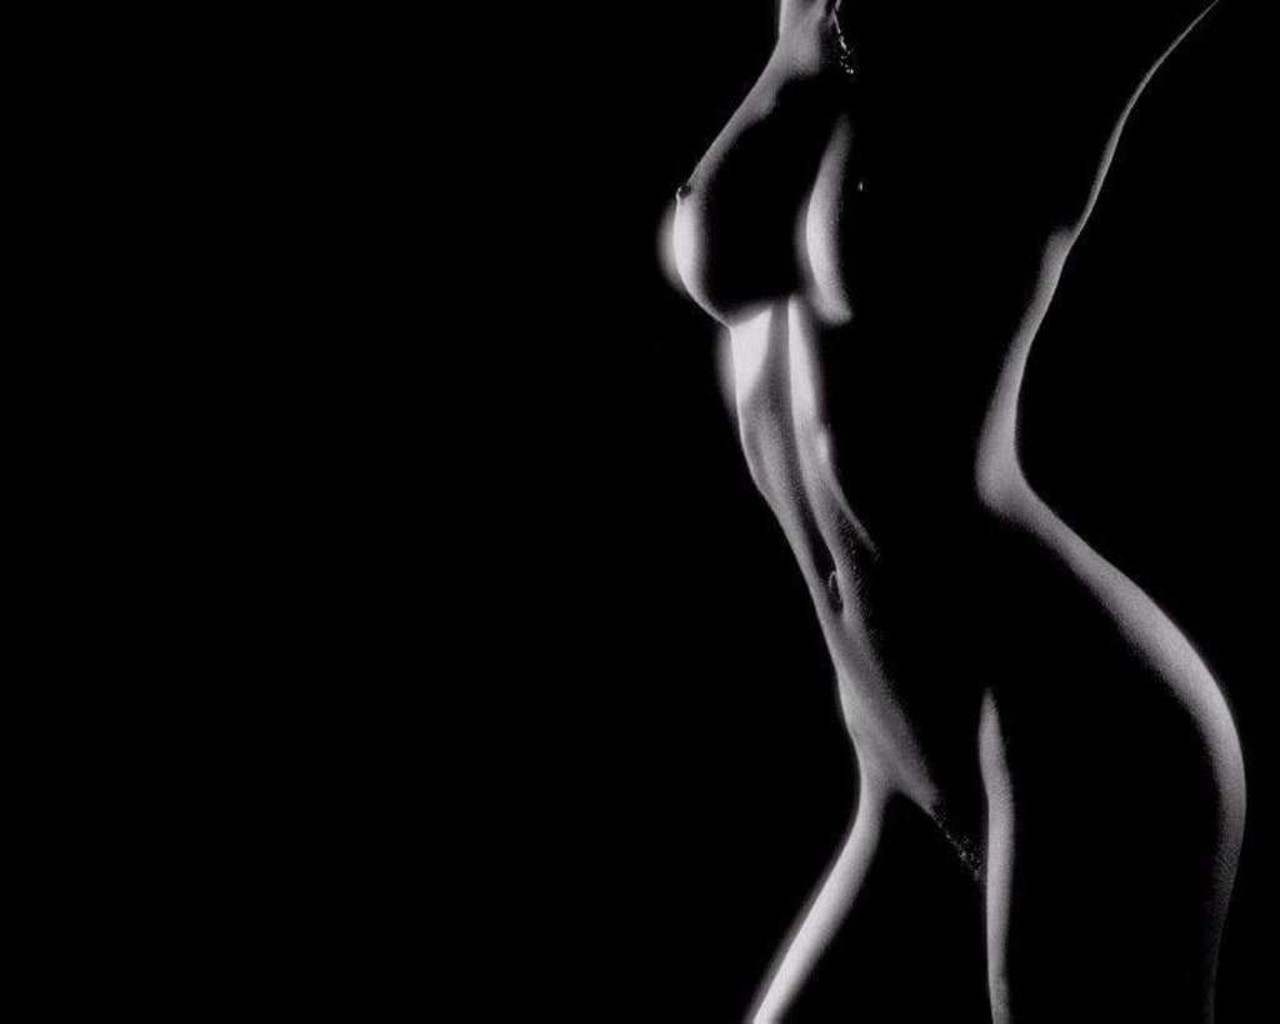 Эро фото в темноте 8 фотография